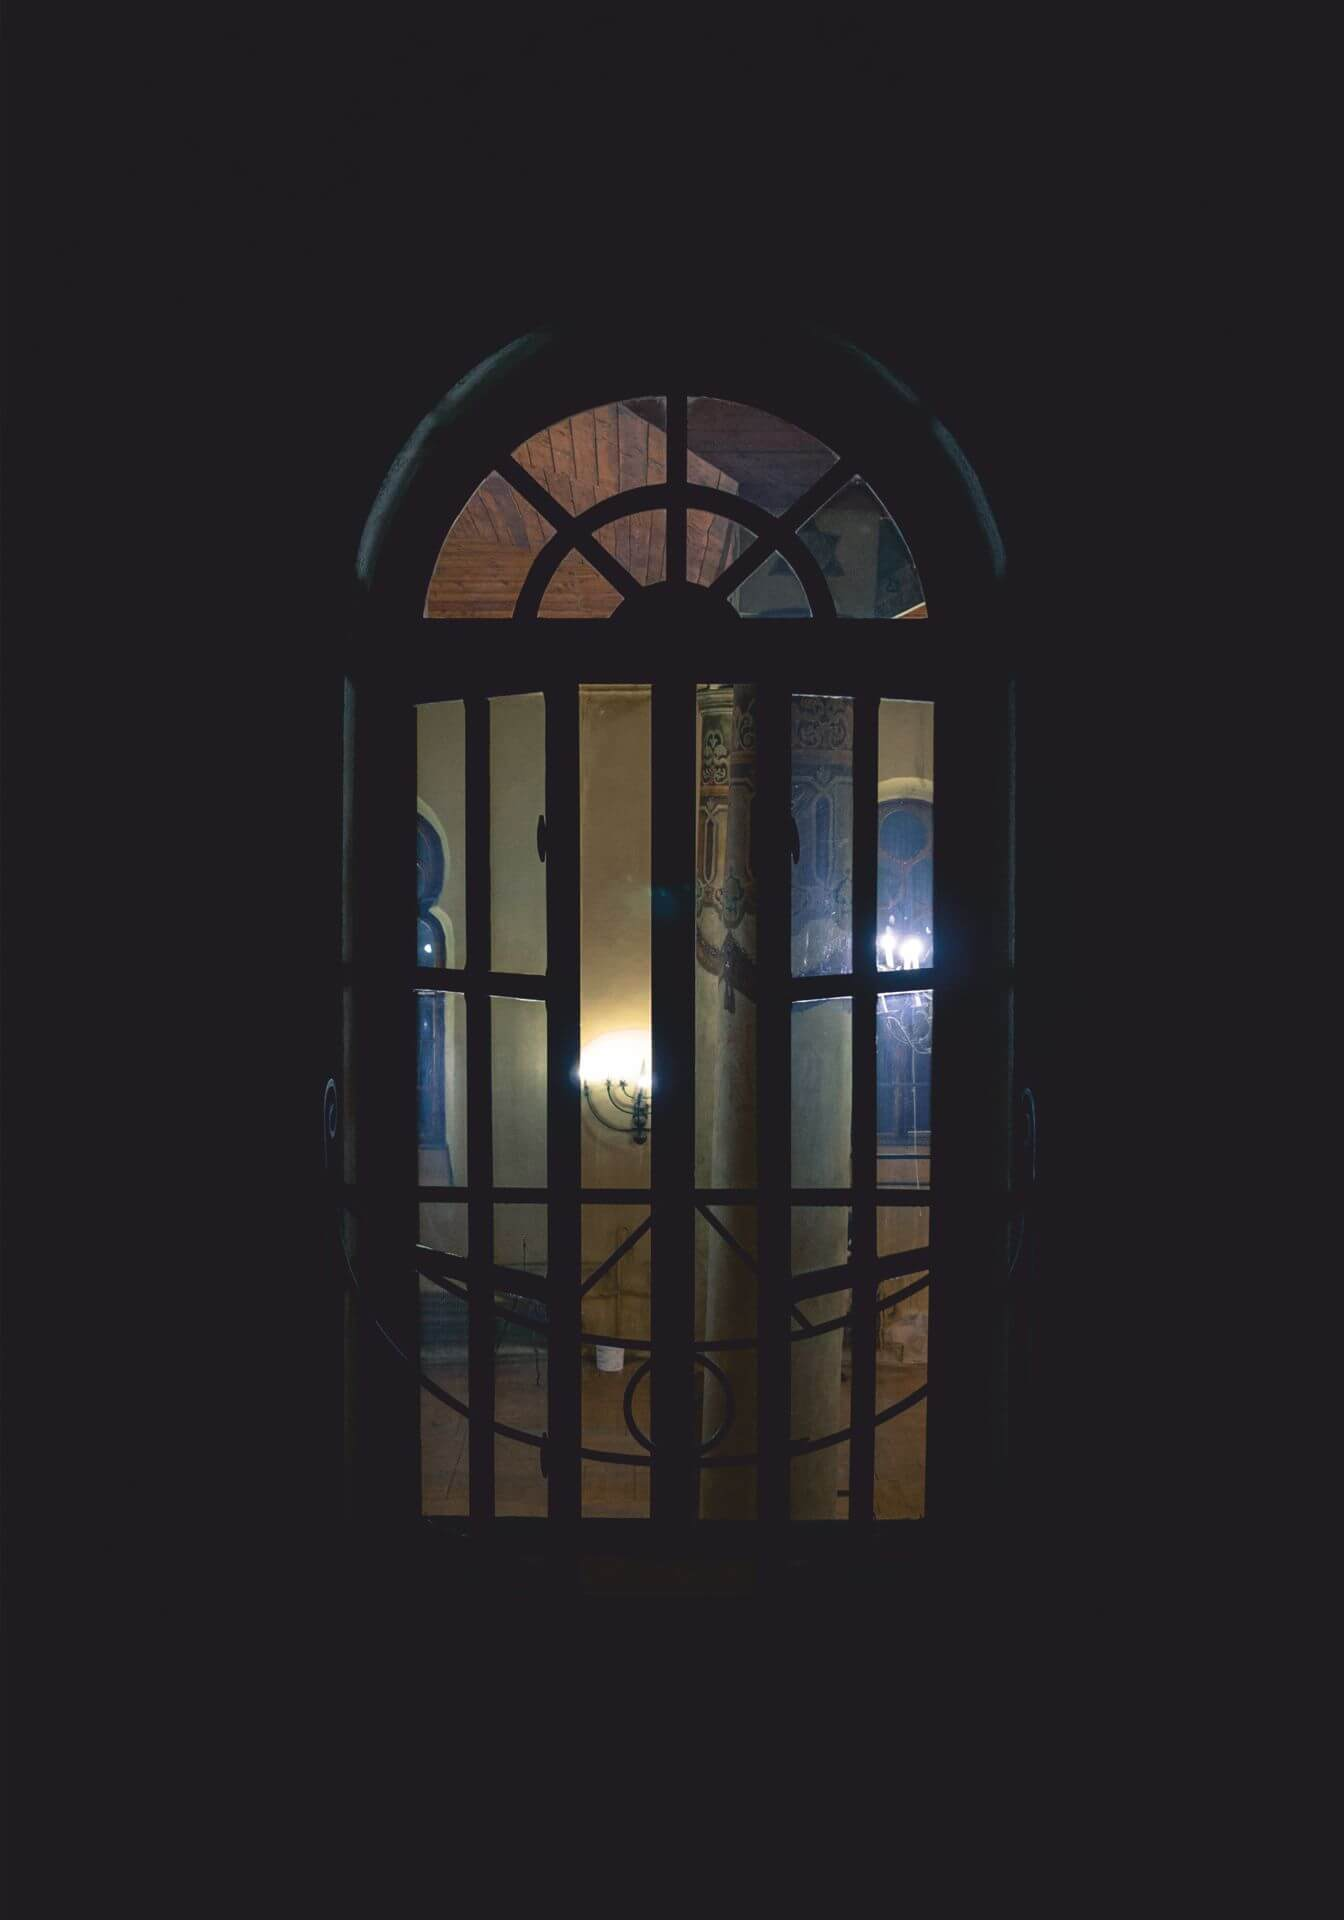 Widok wnętrza synagogi przez uchylone okno. Zdjęcie Moniki Gałązki.